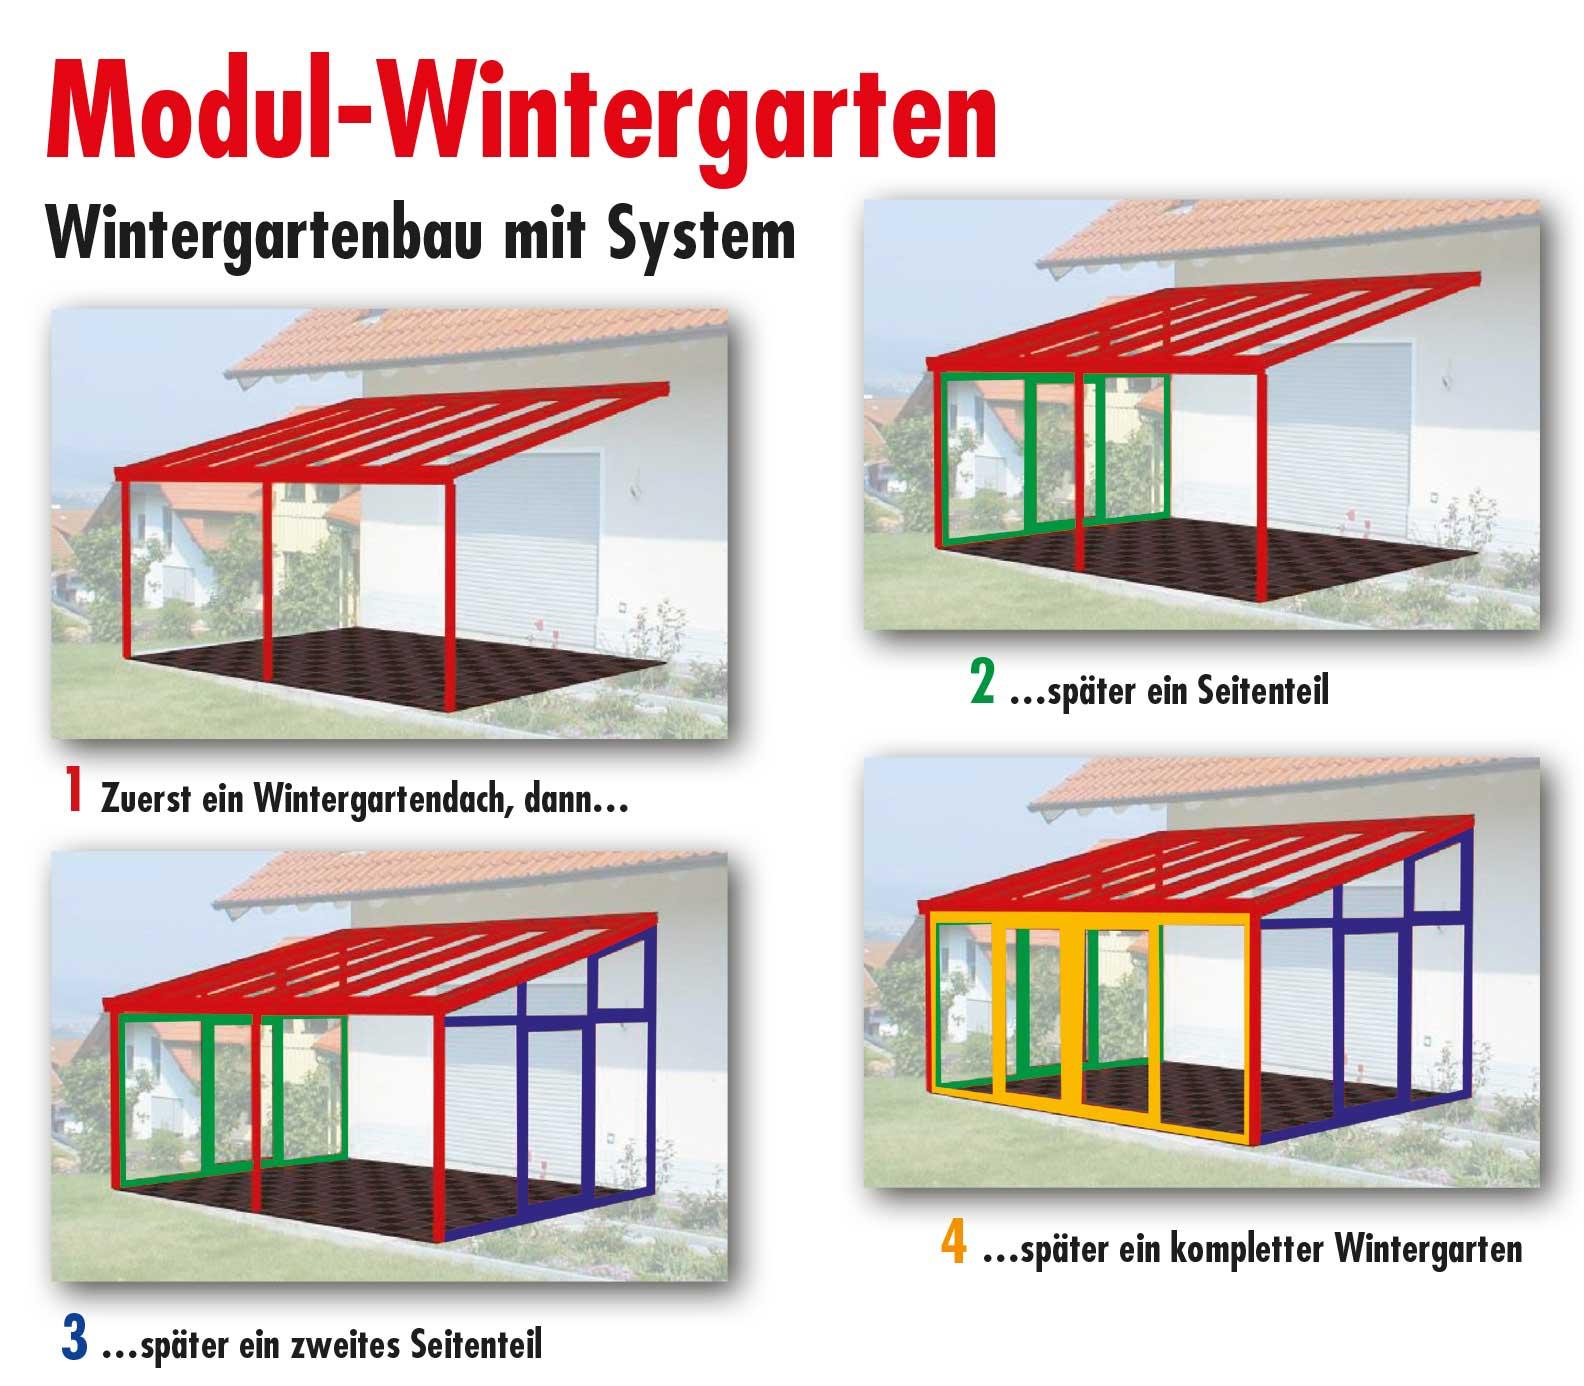 Extrem Modul-Wintergarten bei Günther Wintergarten, Fenster und Türen XN17